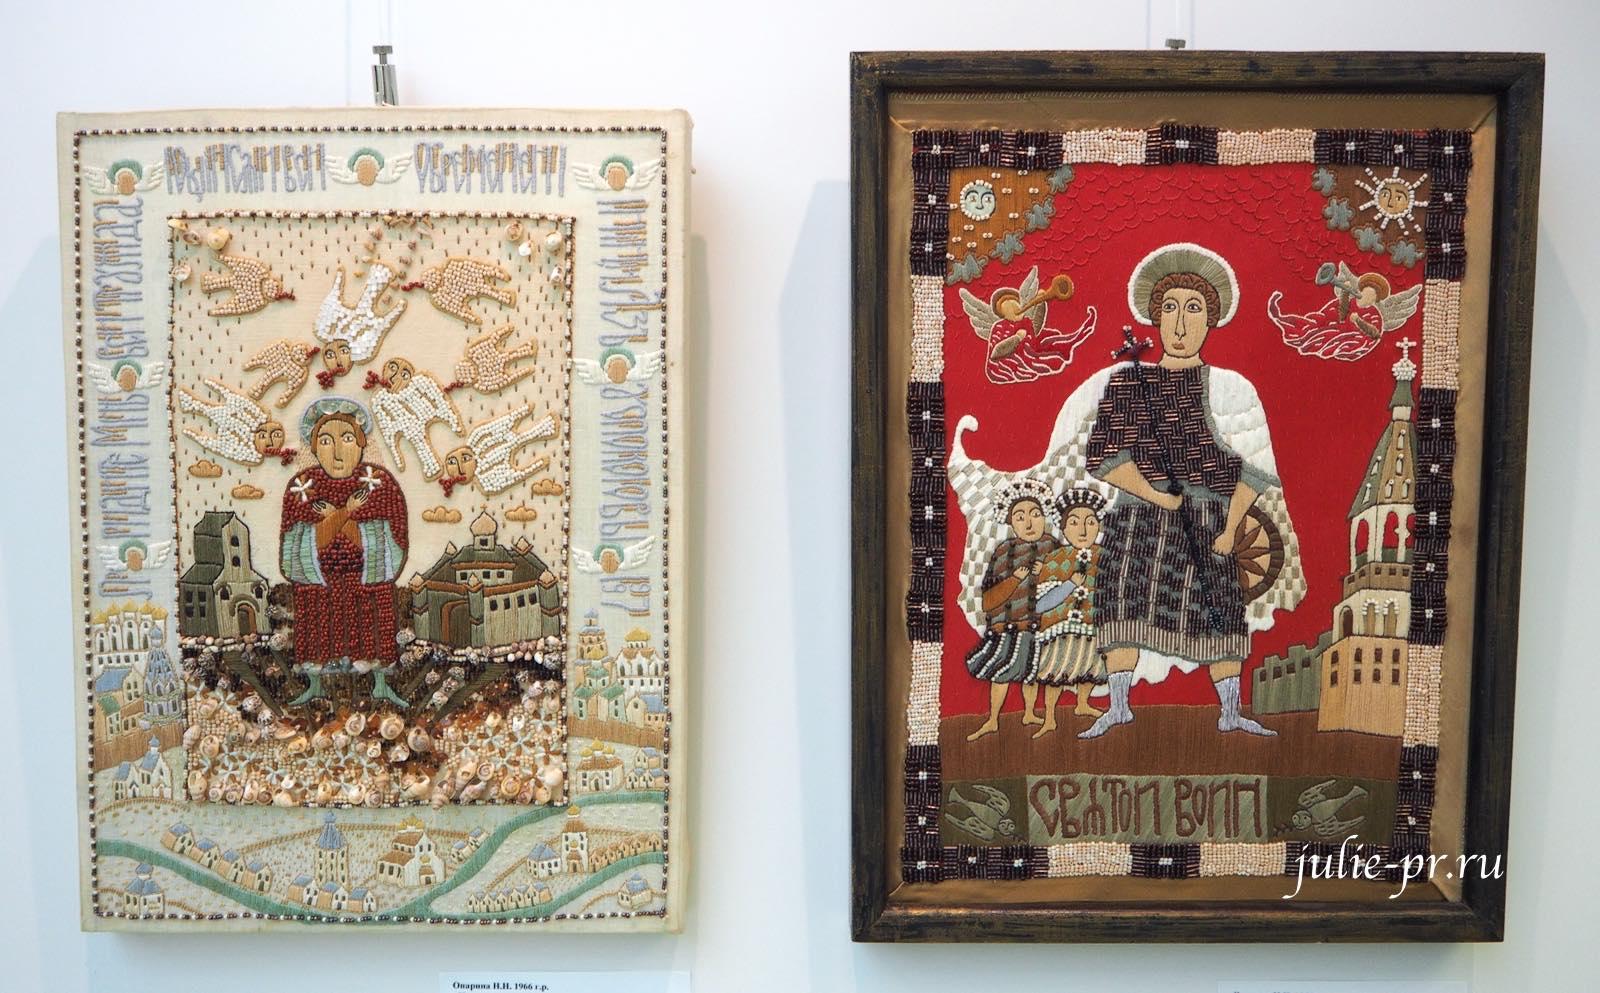 Всероссийская выставка вышивки, вышивка гладью, бисером, Придите вситруждающиеся, Святой воин